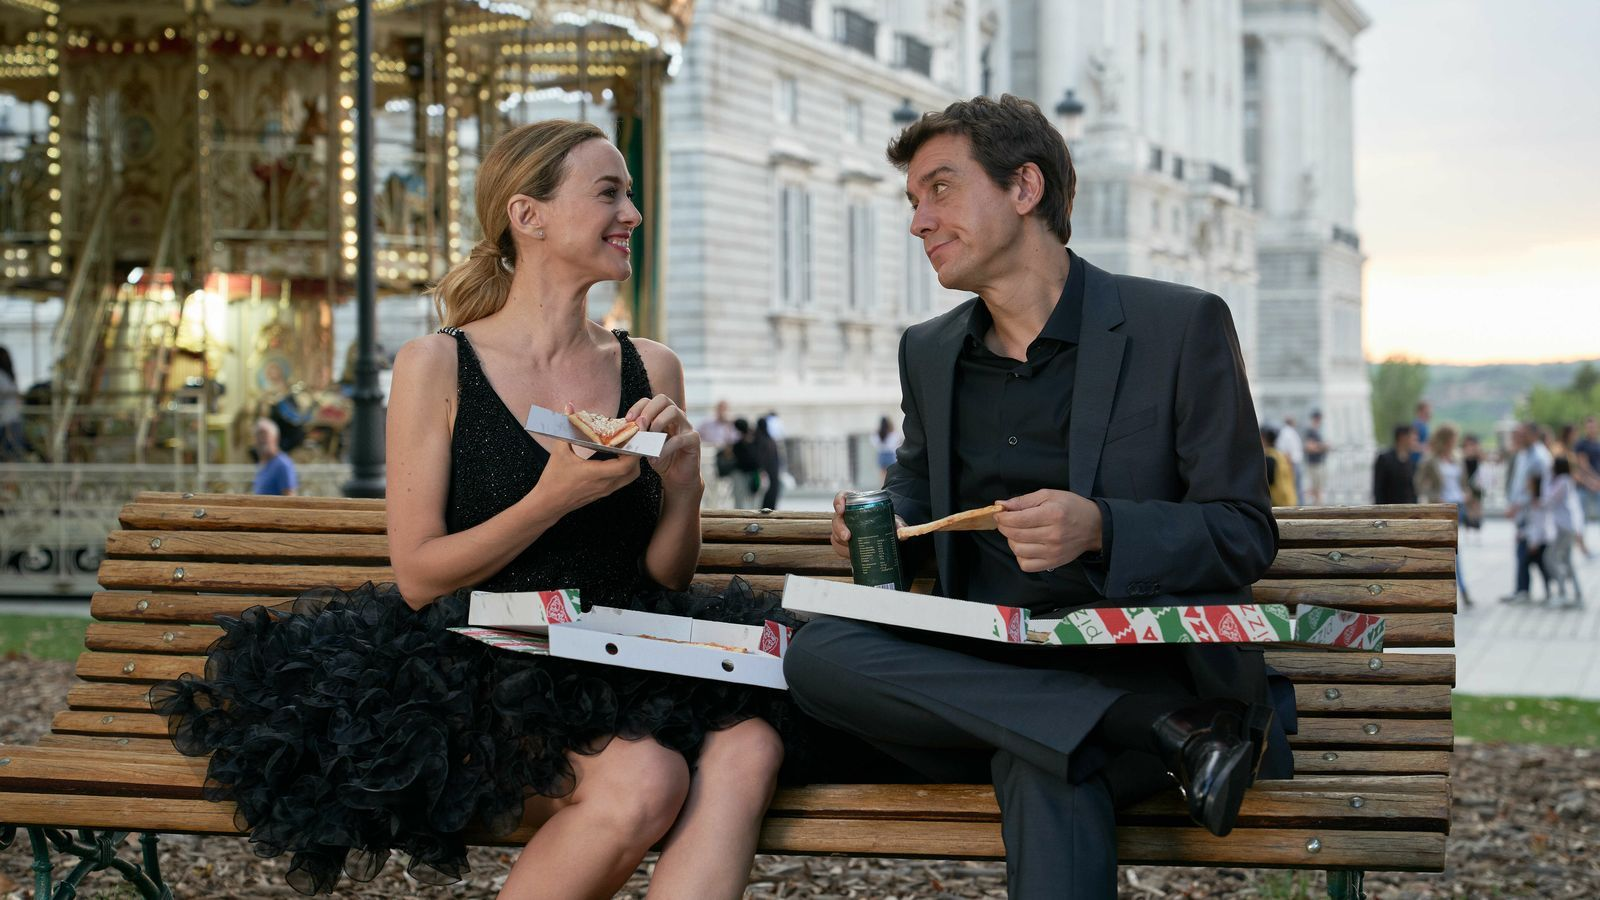 Marta Hazas i Javier Veiga són els protagonistes d'aquesta comèdia romàntica